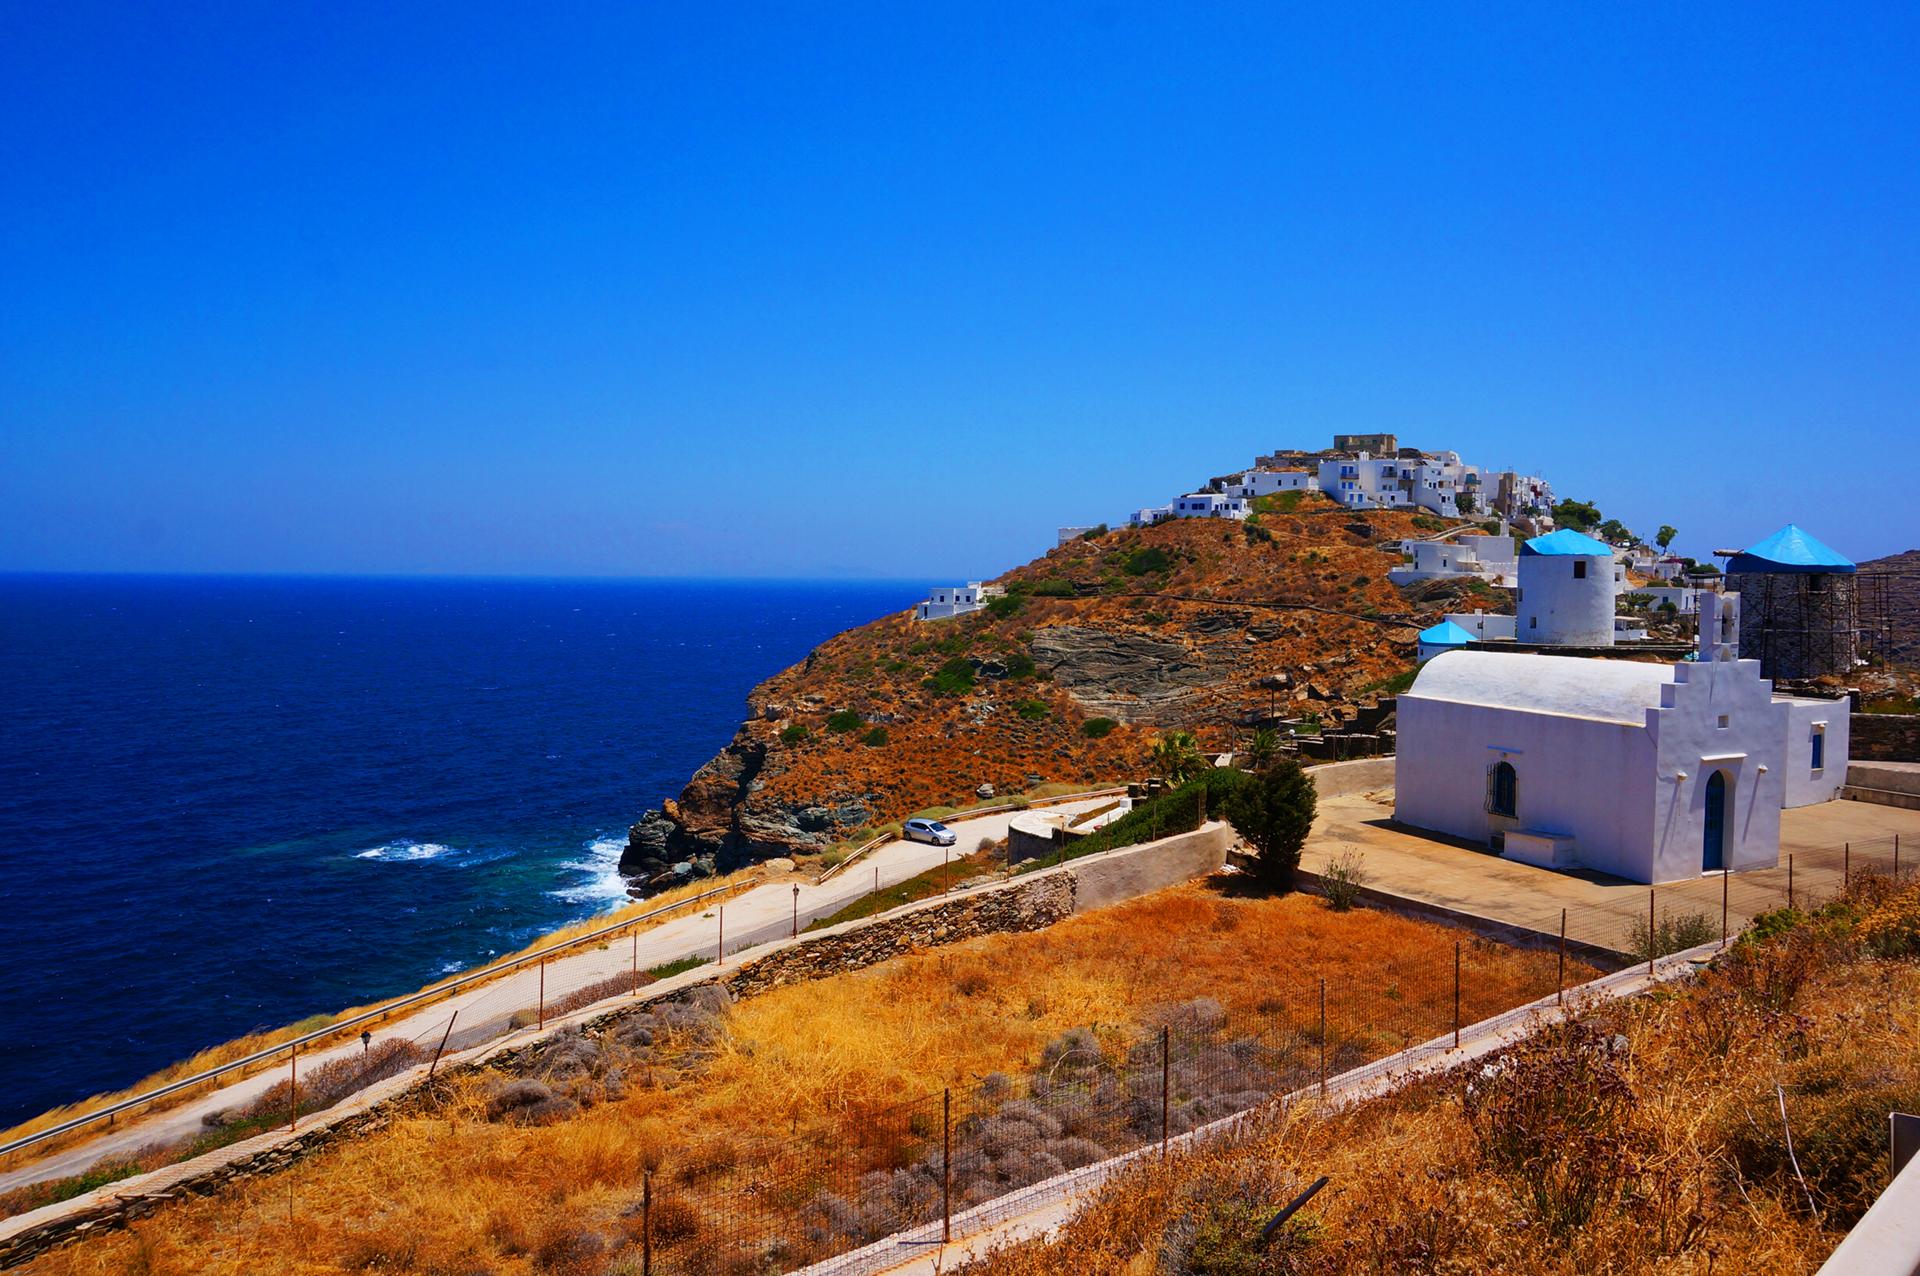 Sifnos. Photo by George Pantool